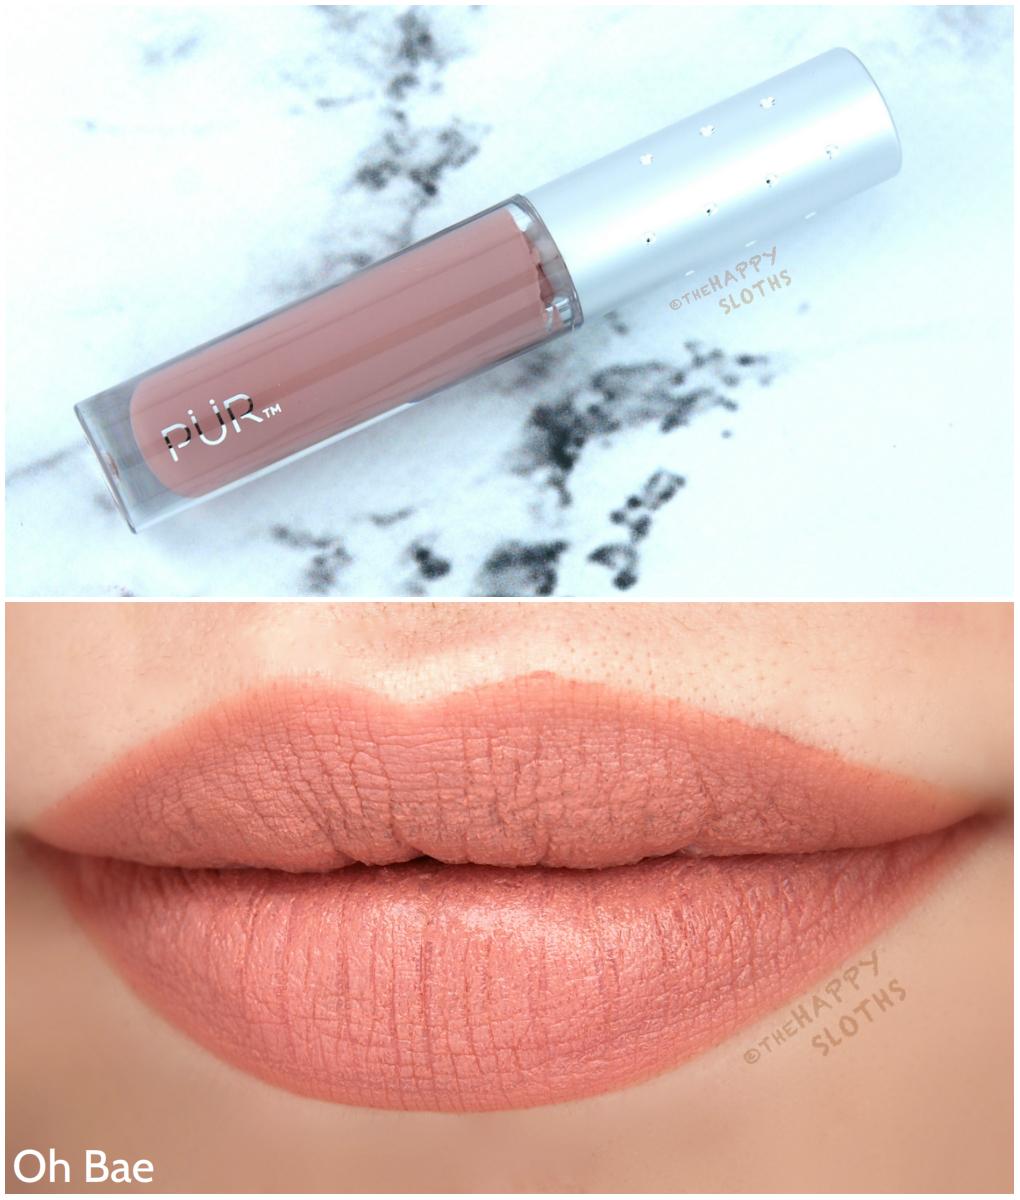 Pur Velvet Liquid Lipstick in Oh Bae